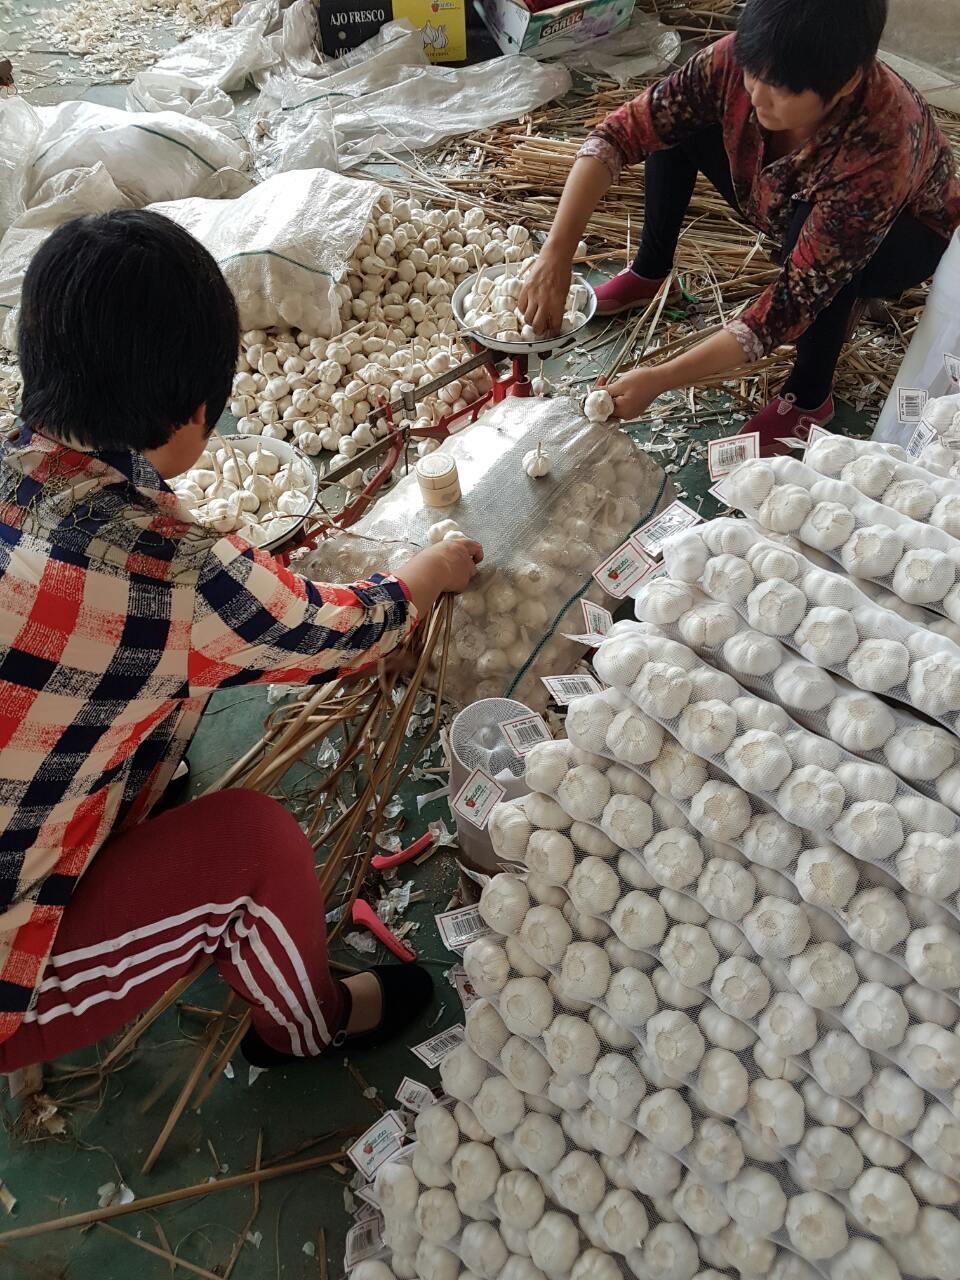 жінки заплітають часник в кіски на китайському ринку